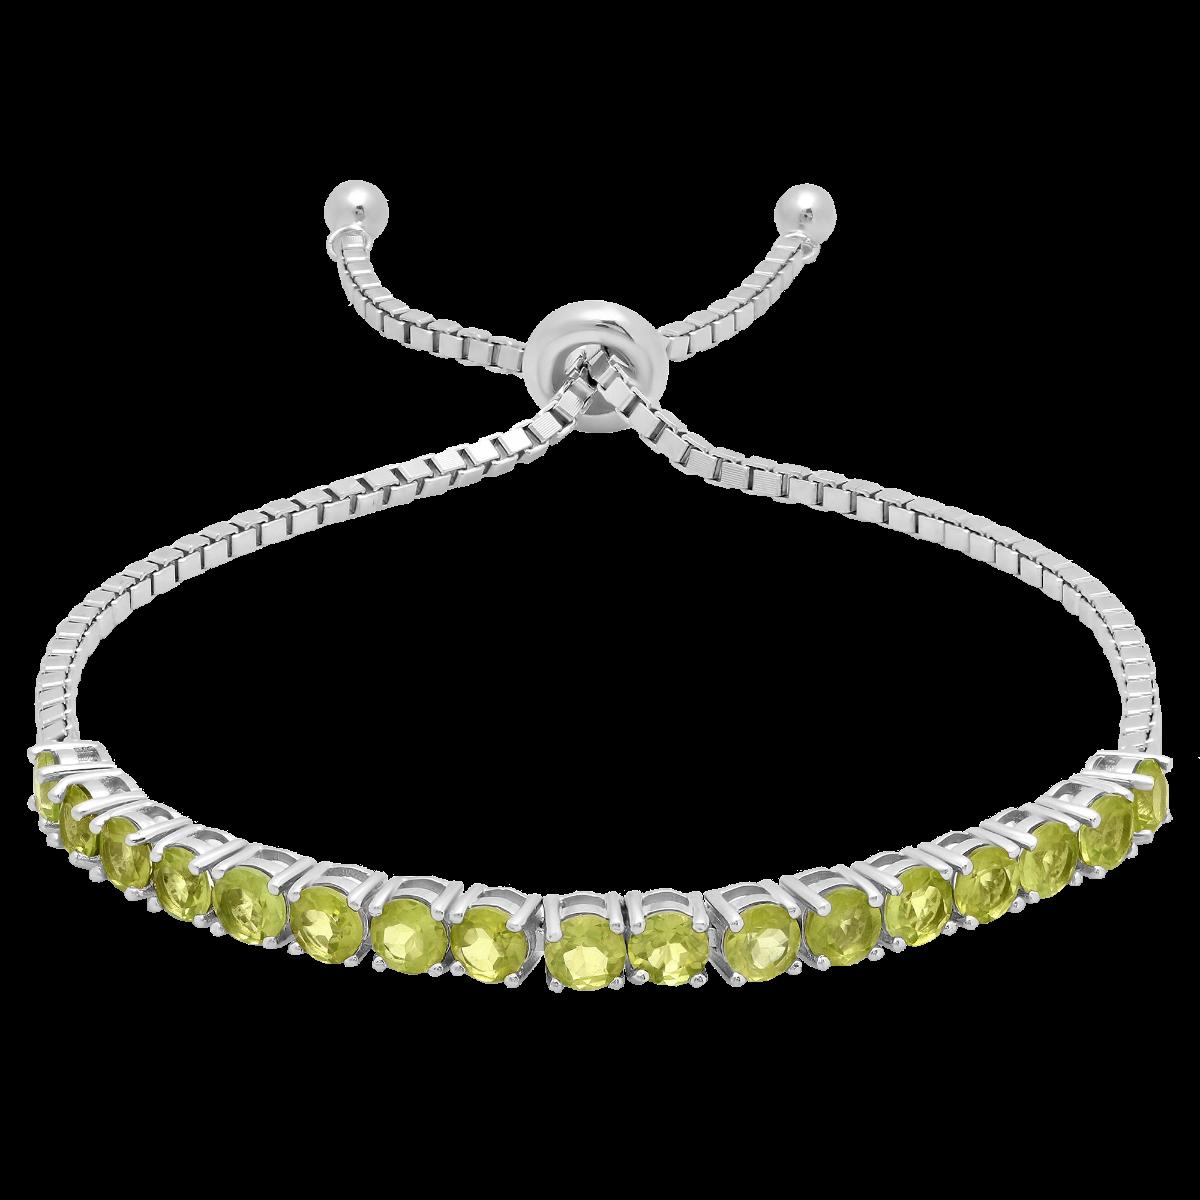 Peridot Adjustable Bolo Bracelet in Sterling Silver